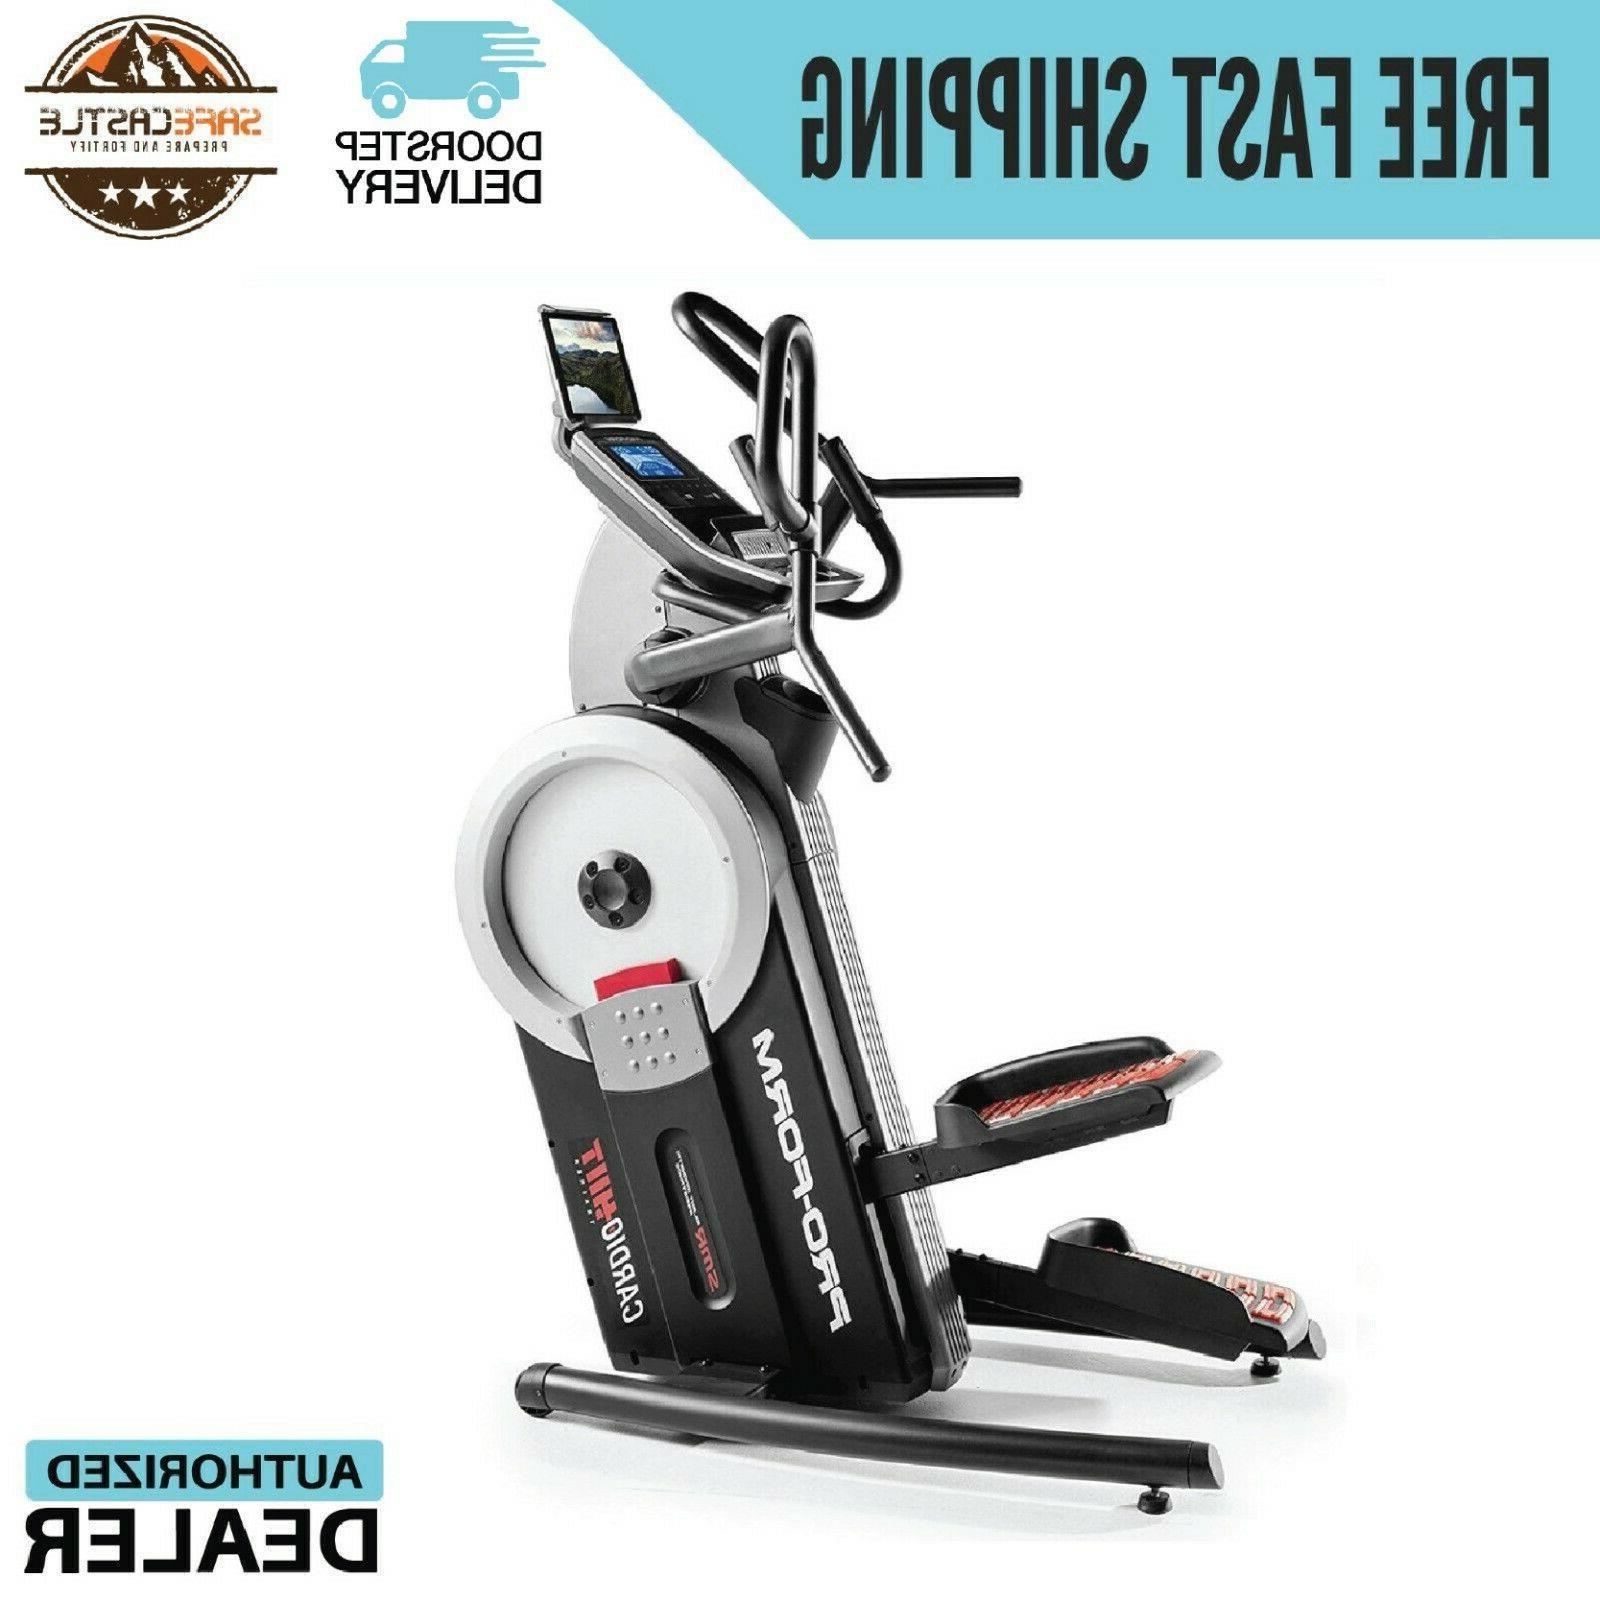 cardio hiit elliptical trainer exercise pfel09915